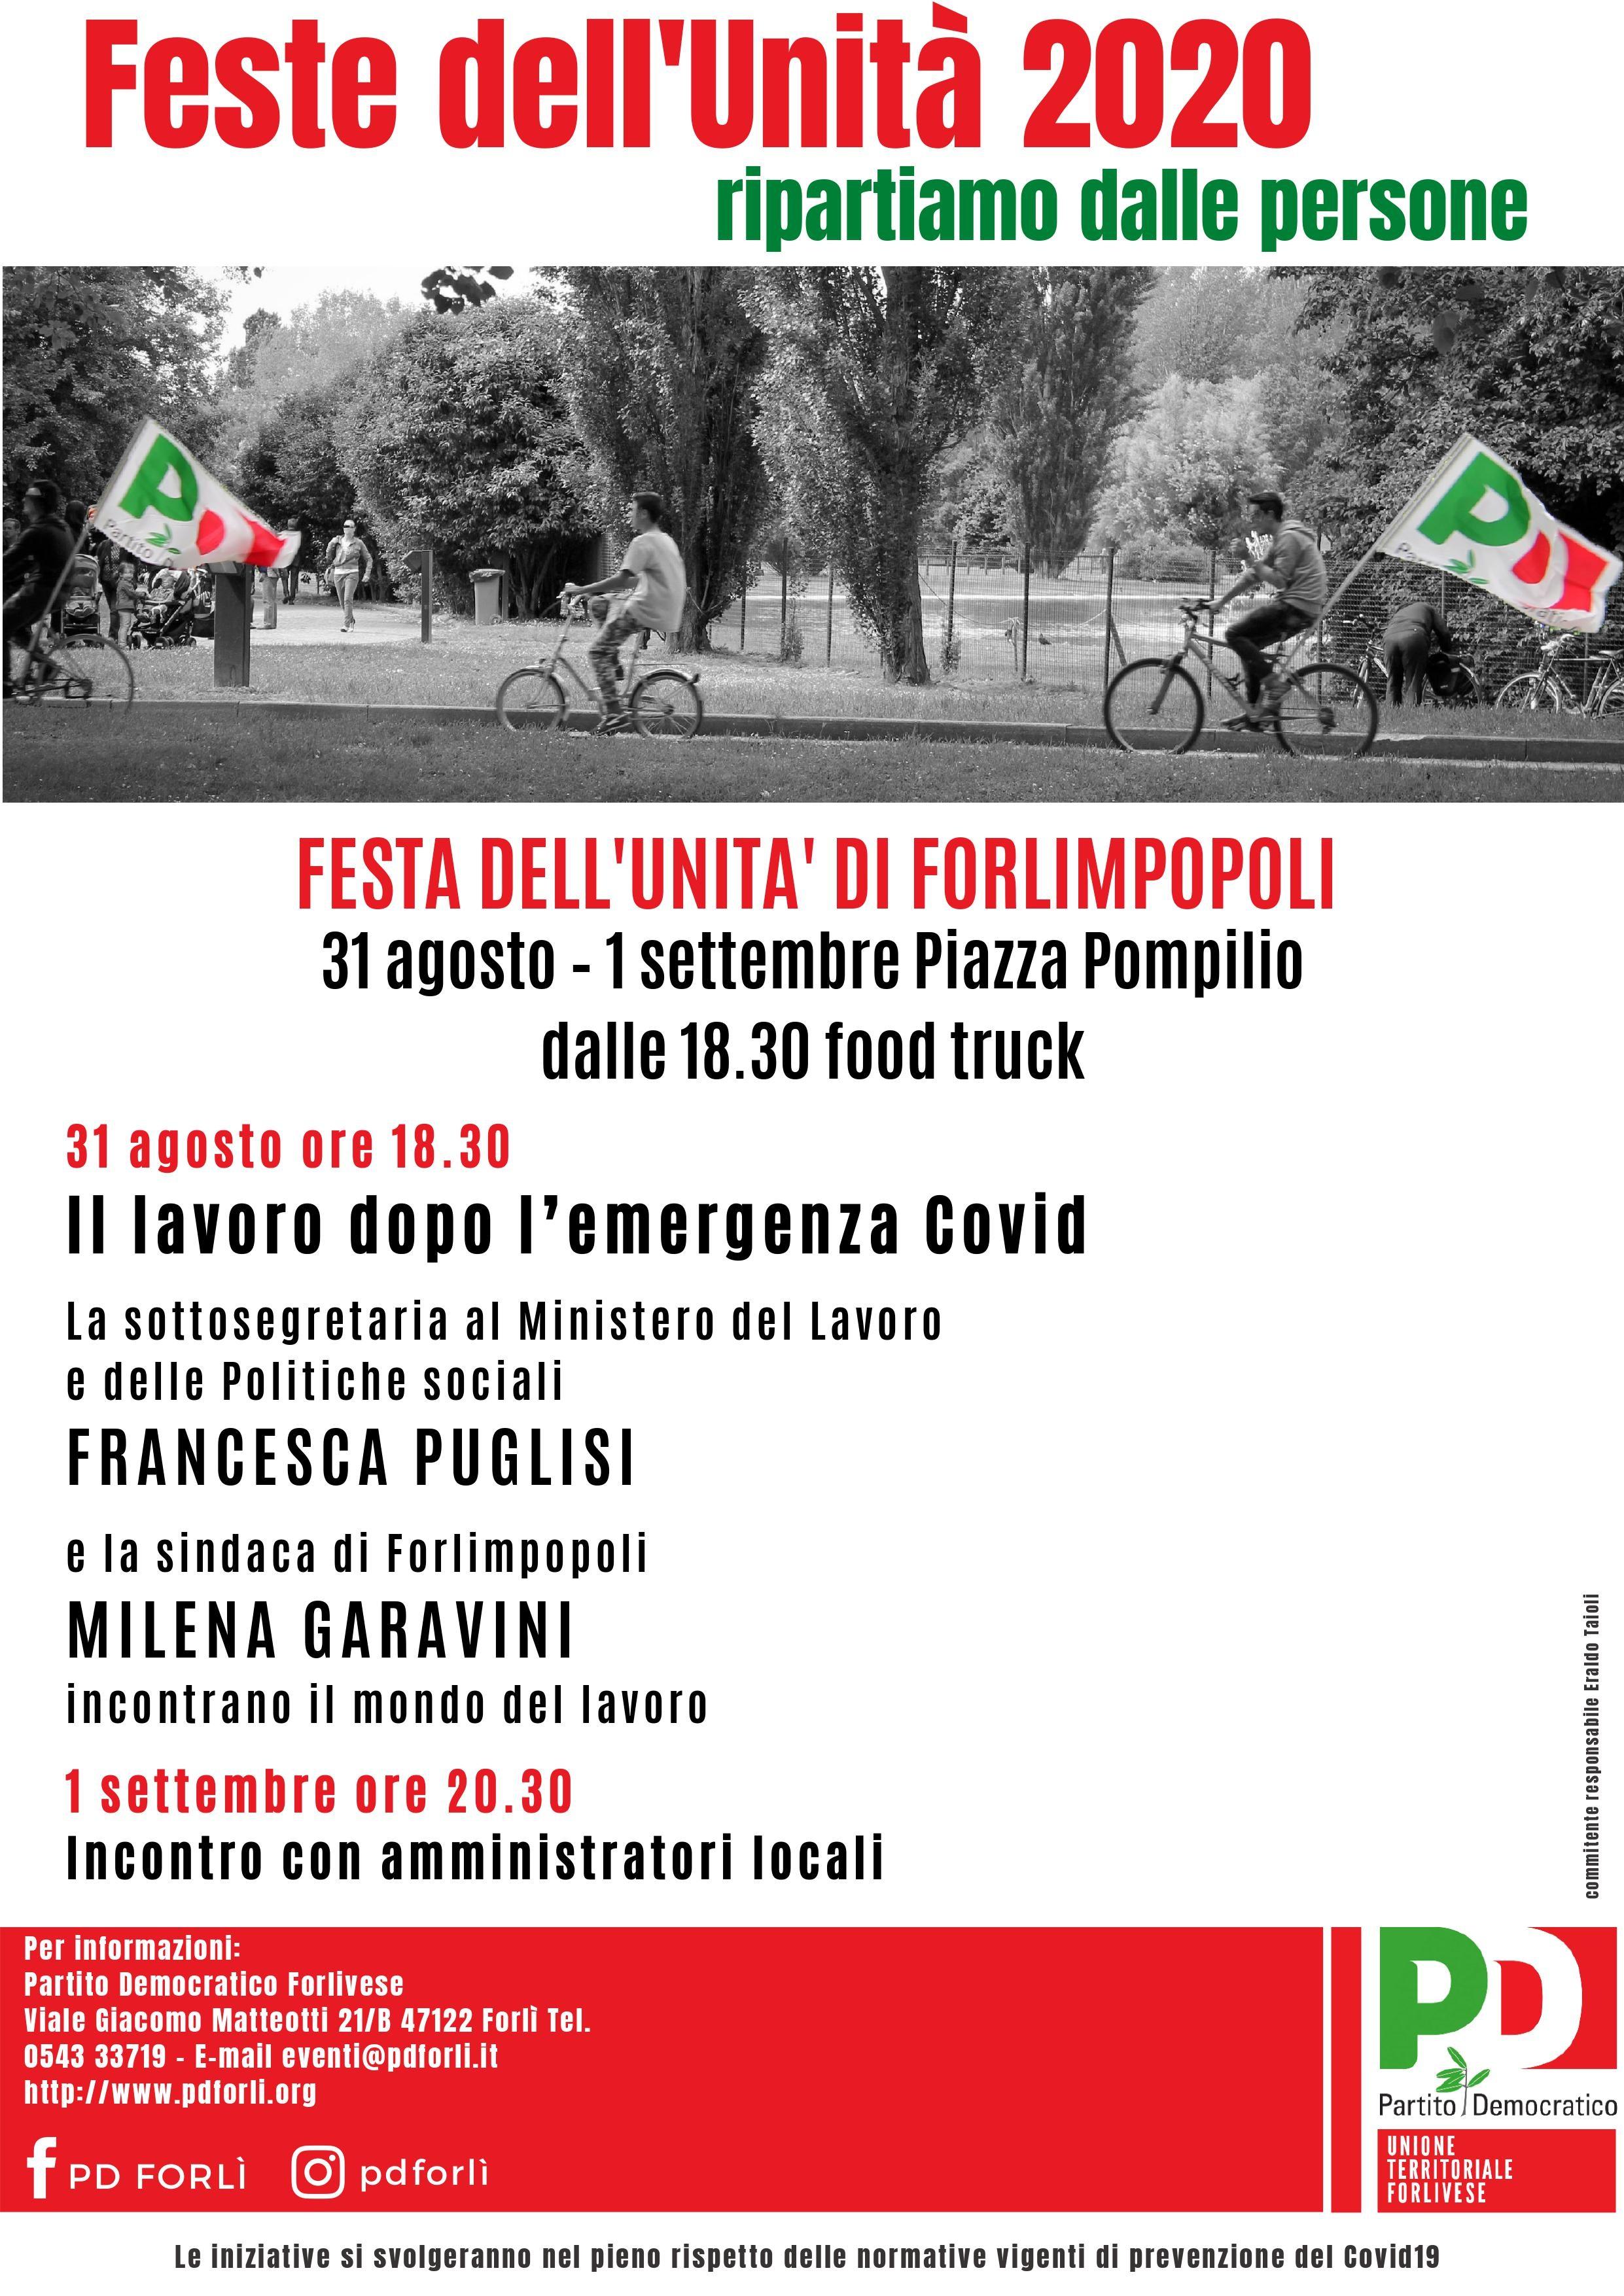 Festa dell'Unità di Forlimpopoli @ Piazza Pompilio